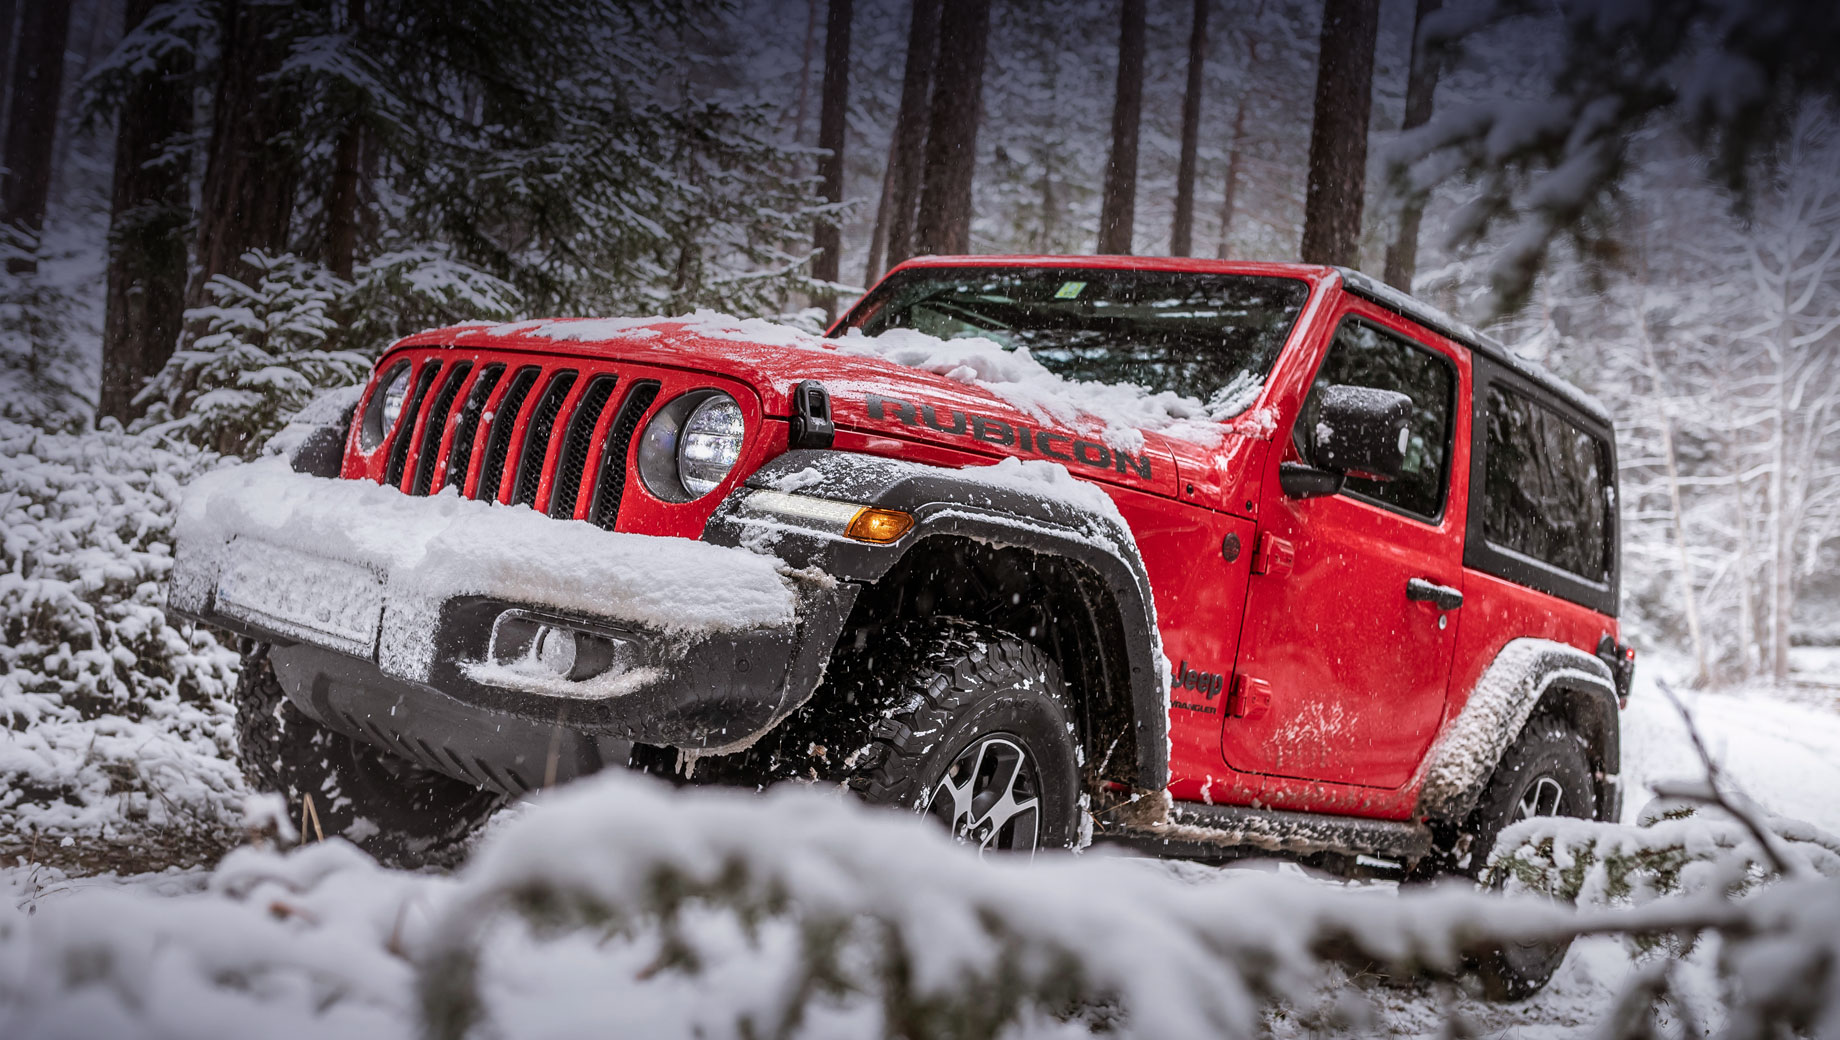 Jeep wrangler. «Короткая» вариация насчитывает 4334 мм в длину и 2459 между осями. Кроссовер Jeep Renegade ещё короче (4236 мм), но колёсная база у него больше (2570), поэтому гибридная система поместилась.